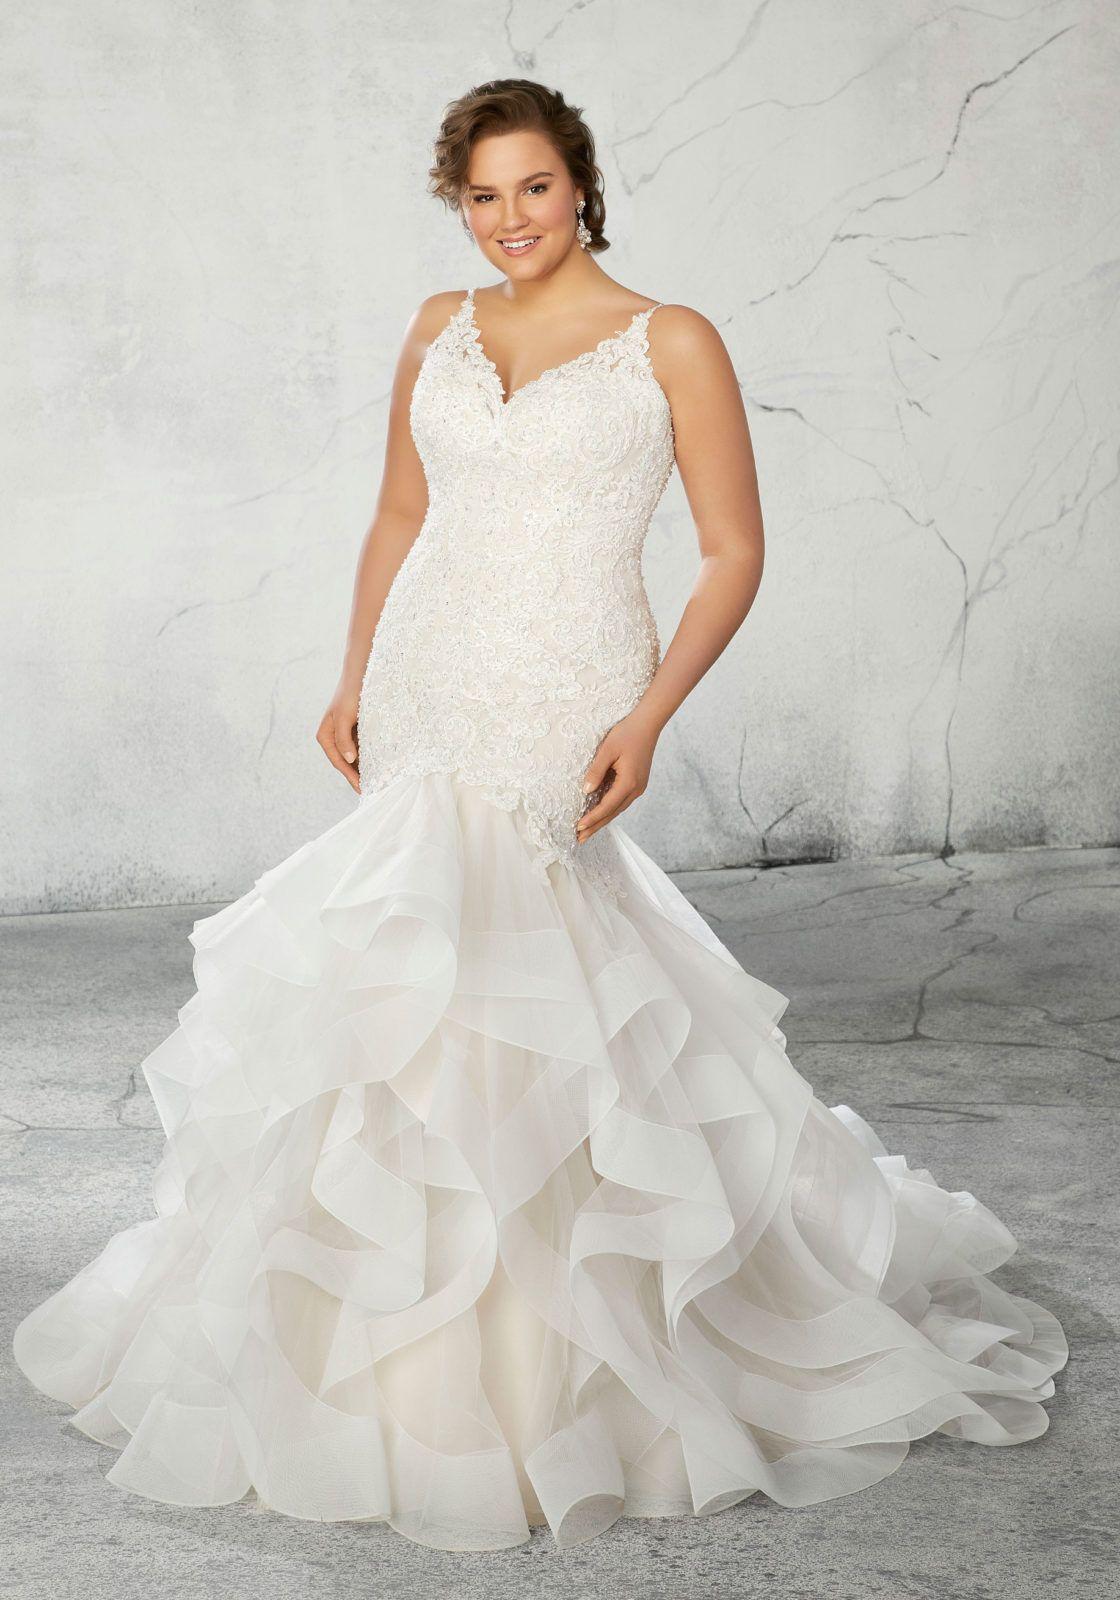 Raquel Plus Size Wedding Dress Morilee in 2020 Plus